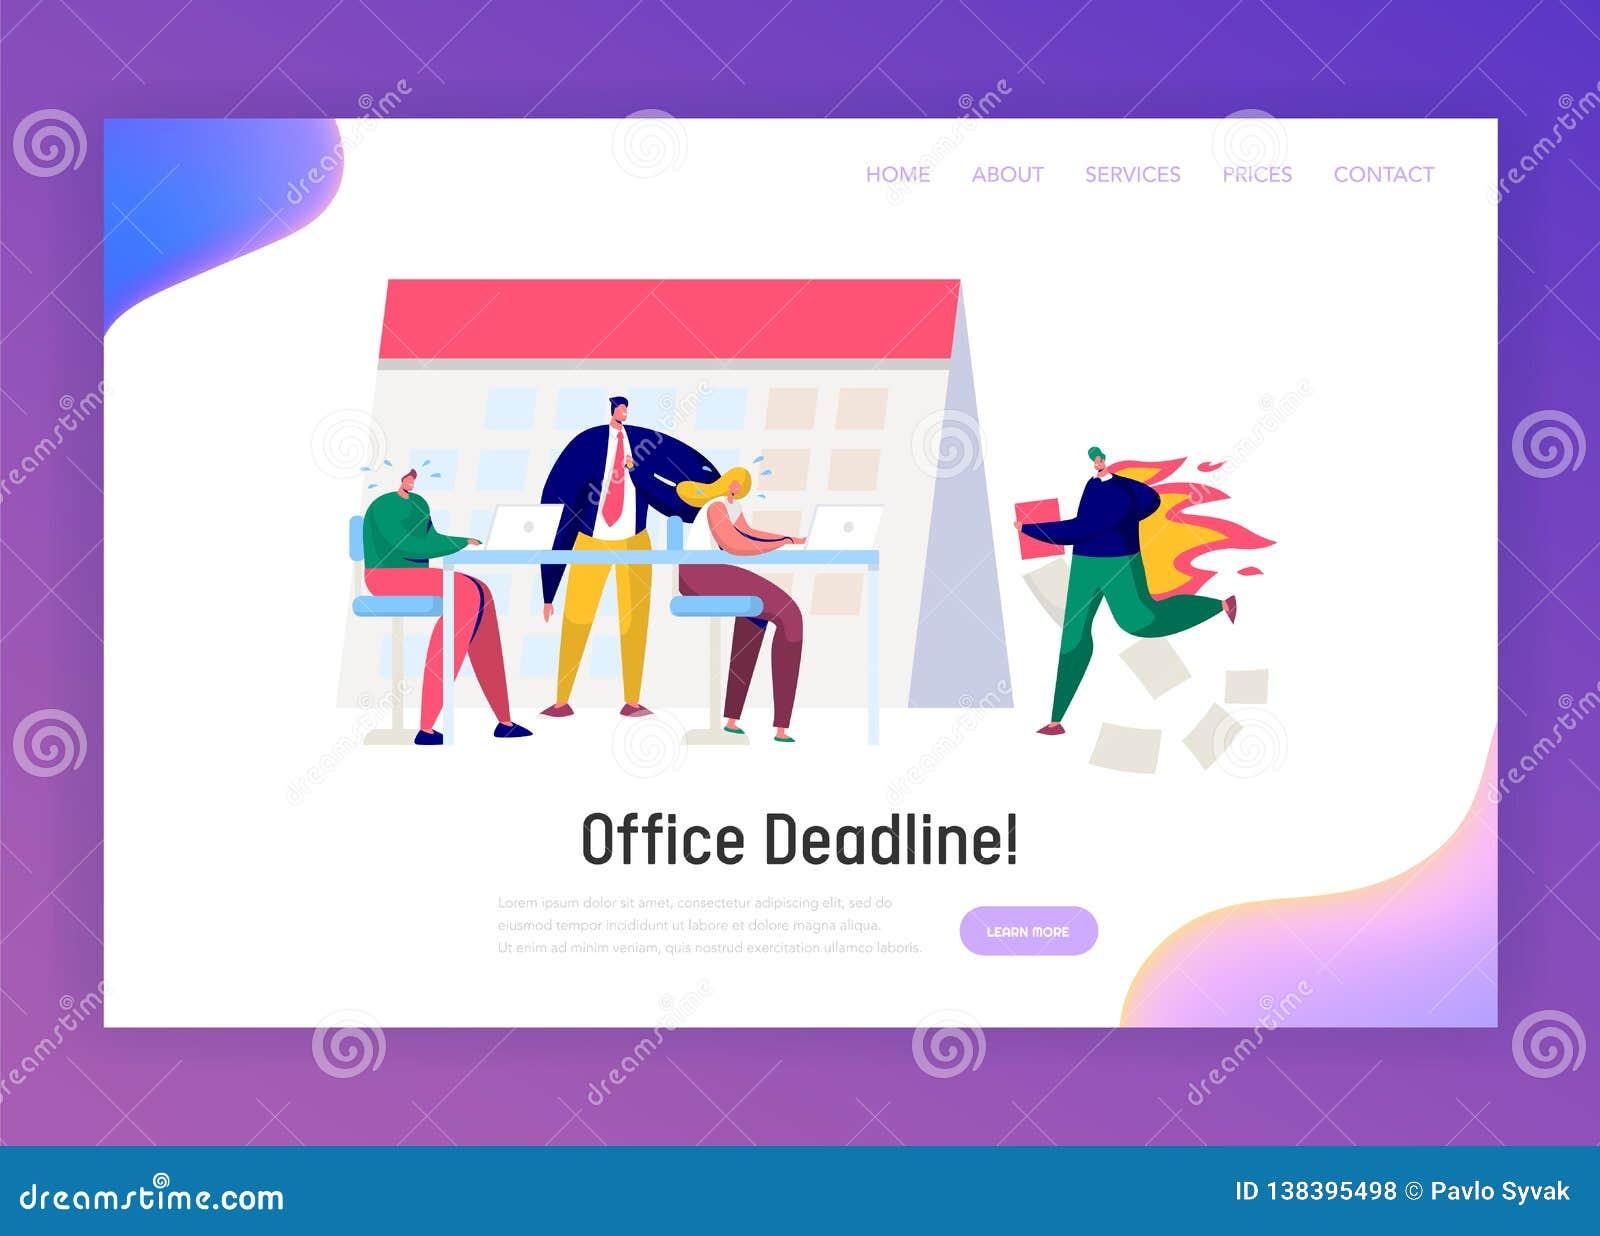 Büro-Geschäftsführer Work Overtime an der Fristen-Landungs-Seite Druck-Charakter-komplette Aufgabe unter hartem Chef Pressure